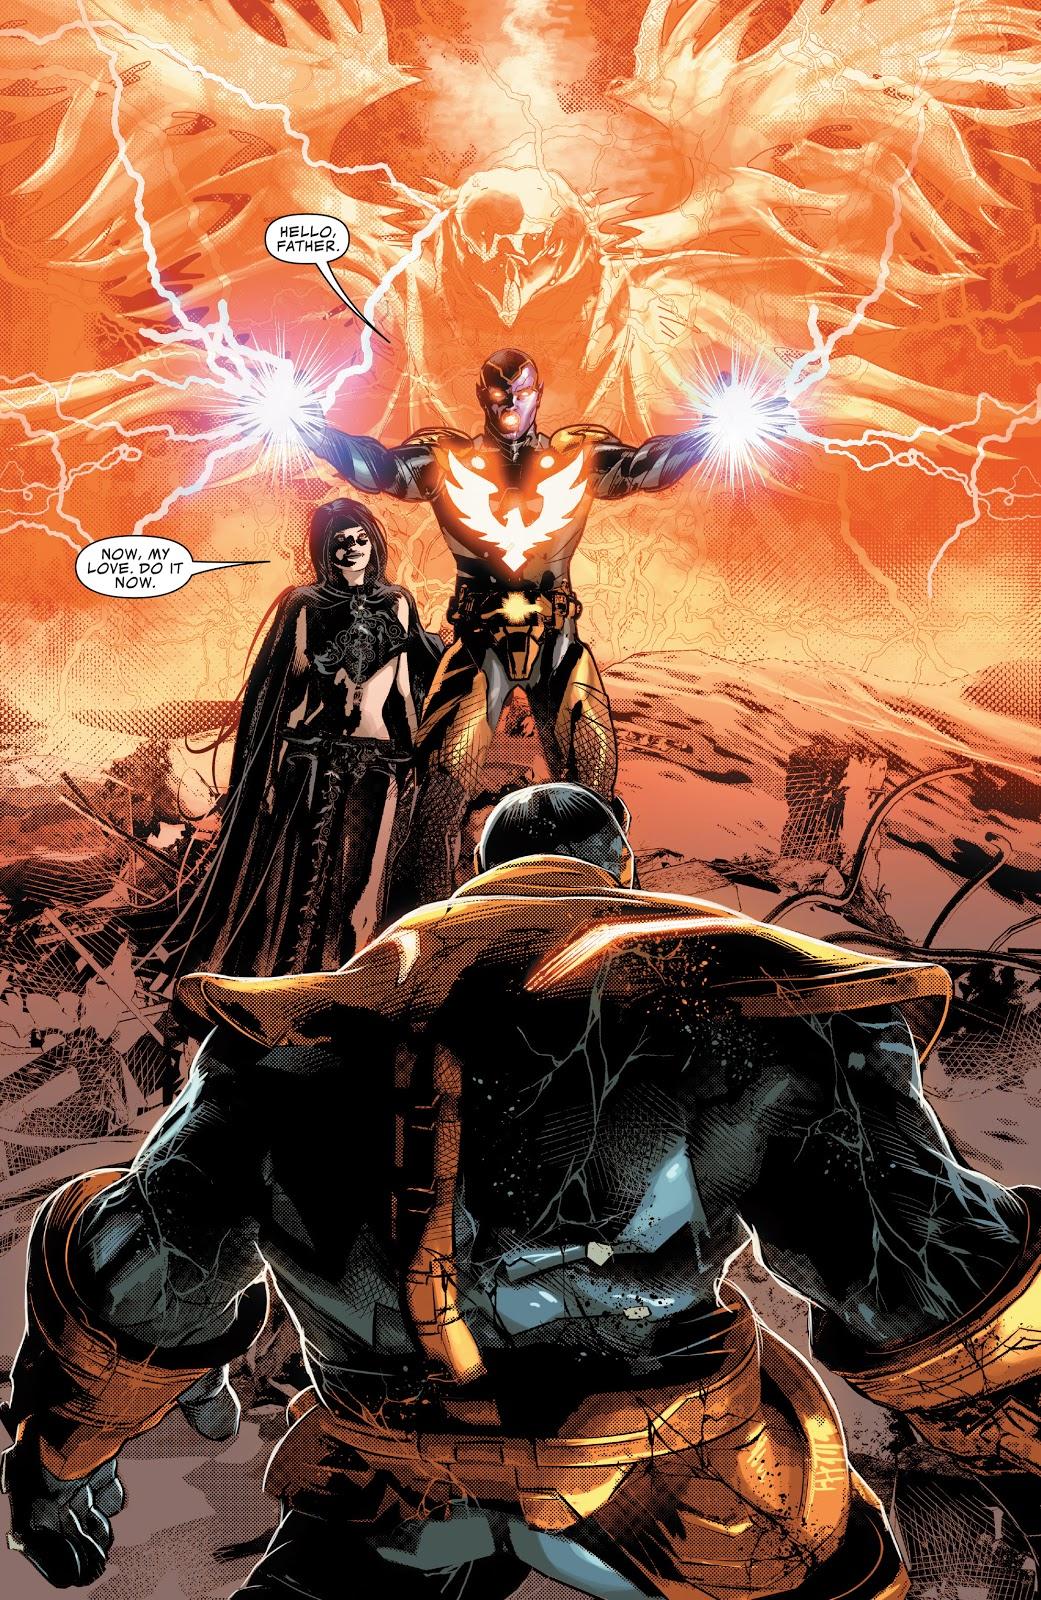 Thane vs Thanos